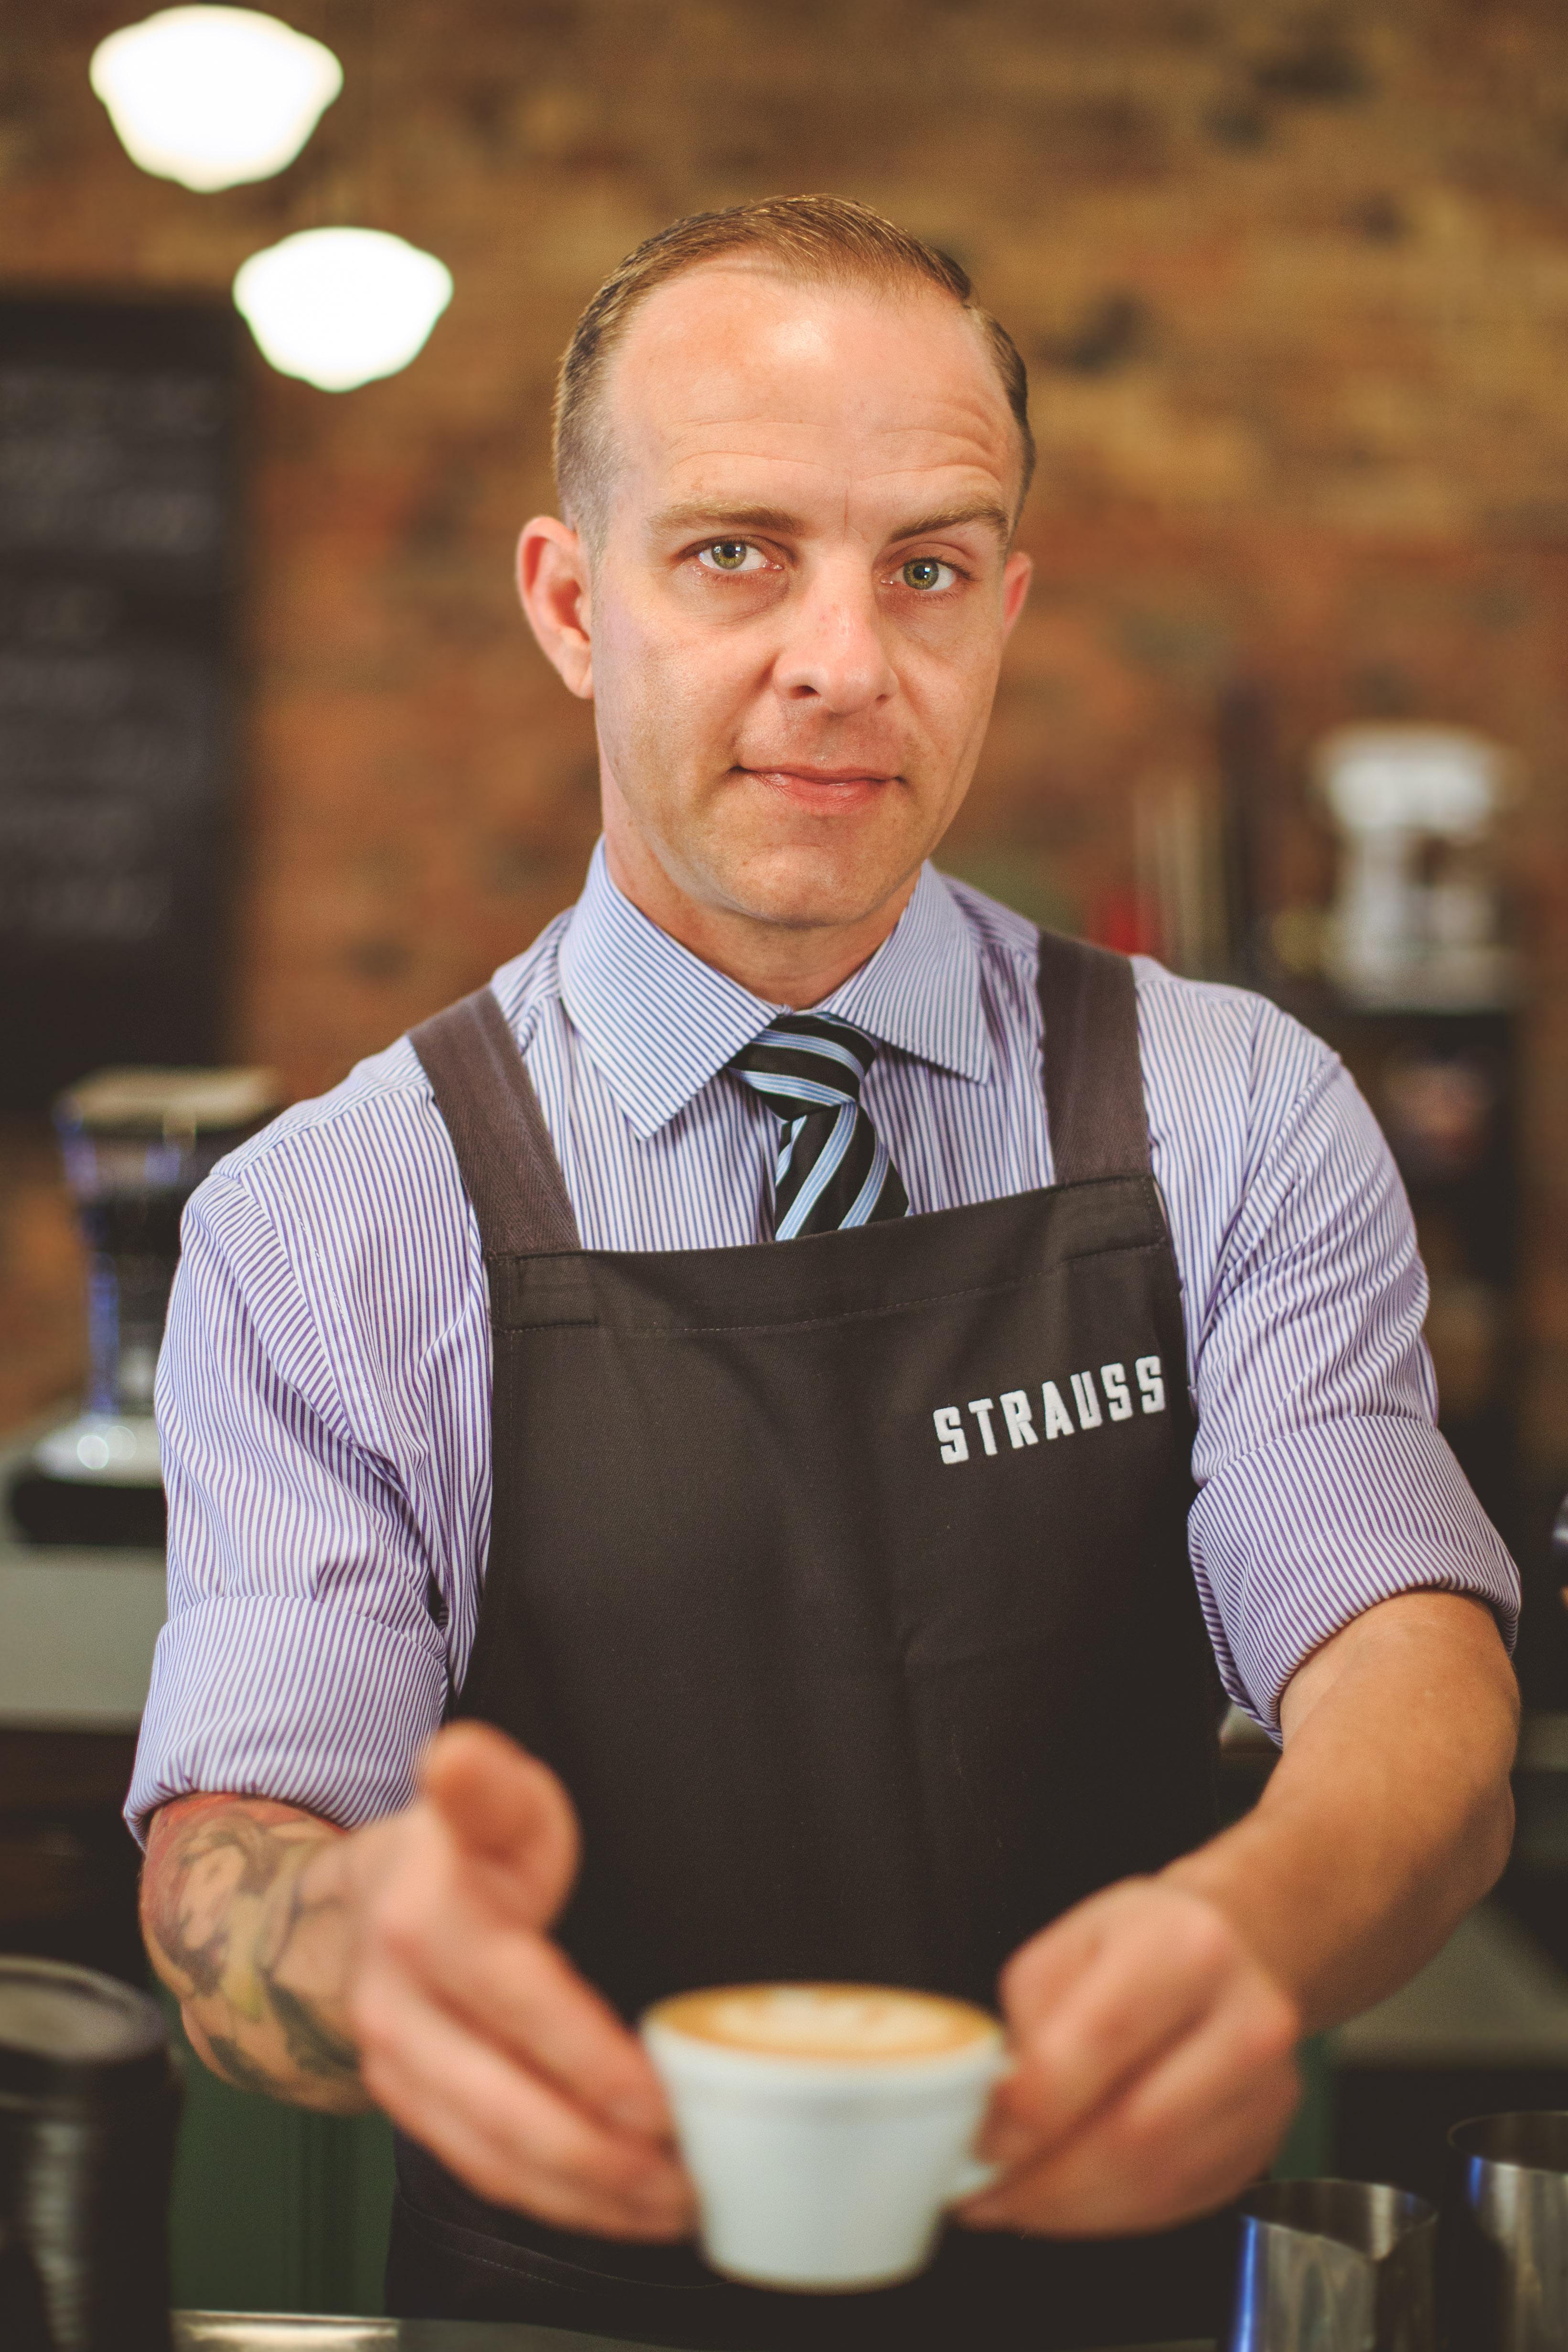 Strauss Café